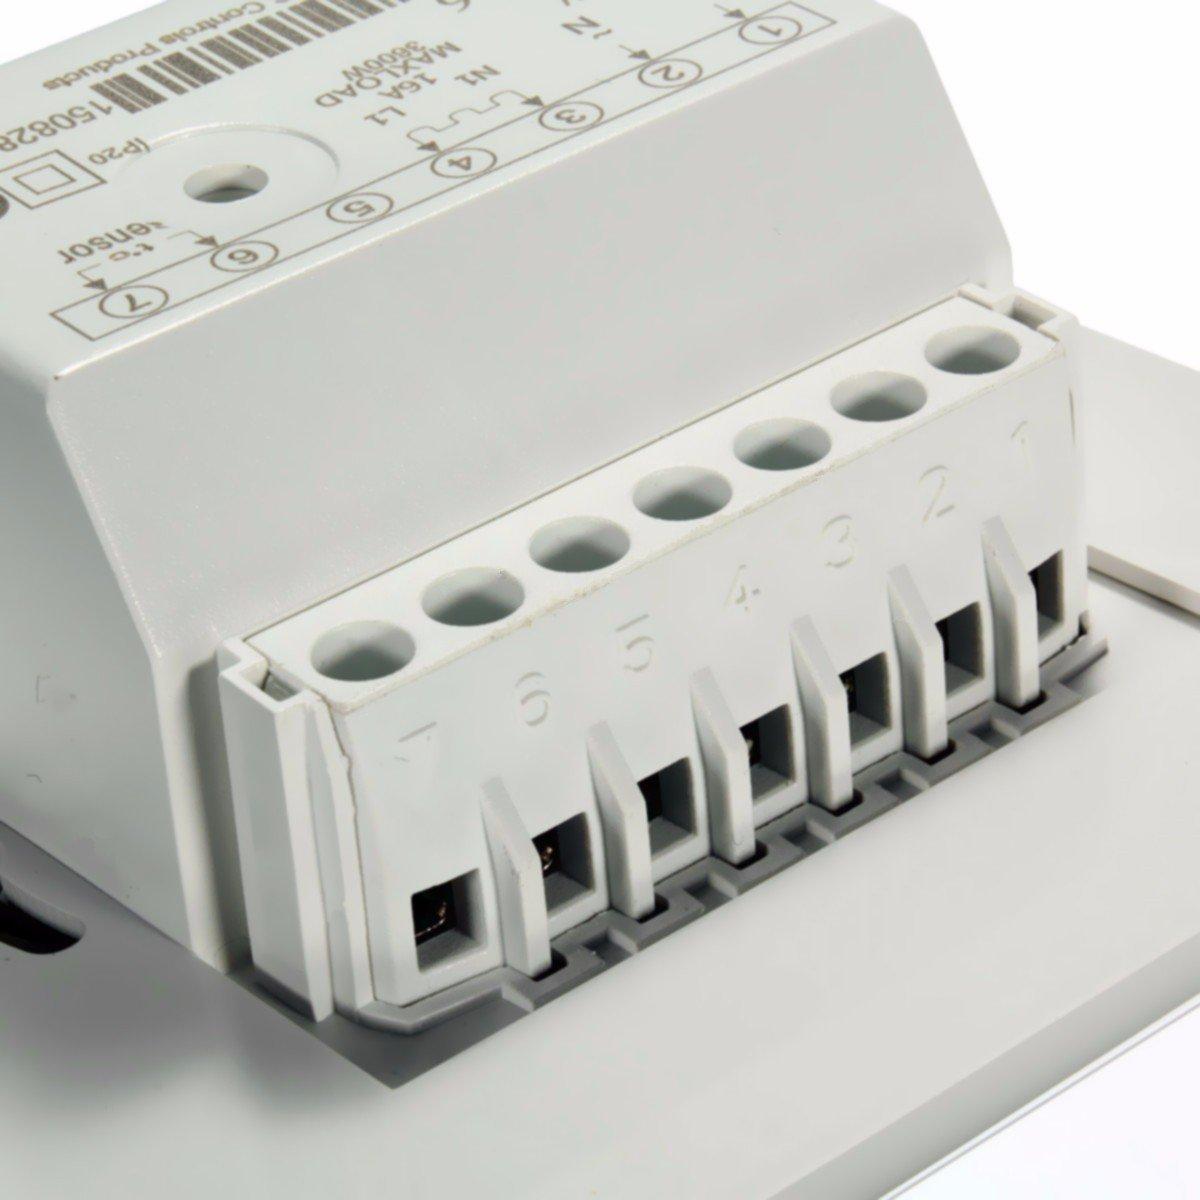 230V Manuelle Heizung Thermostat für: Amazon.de: Computer & Zubehör